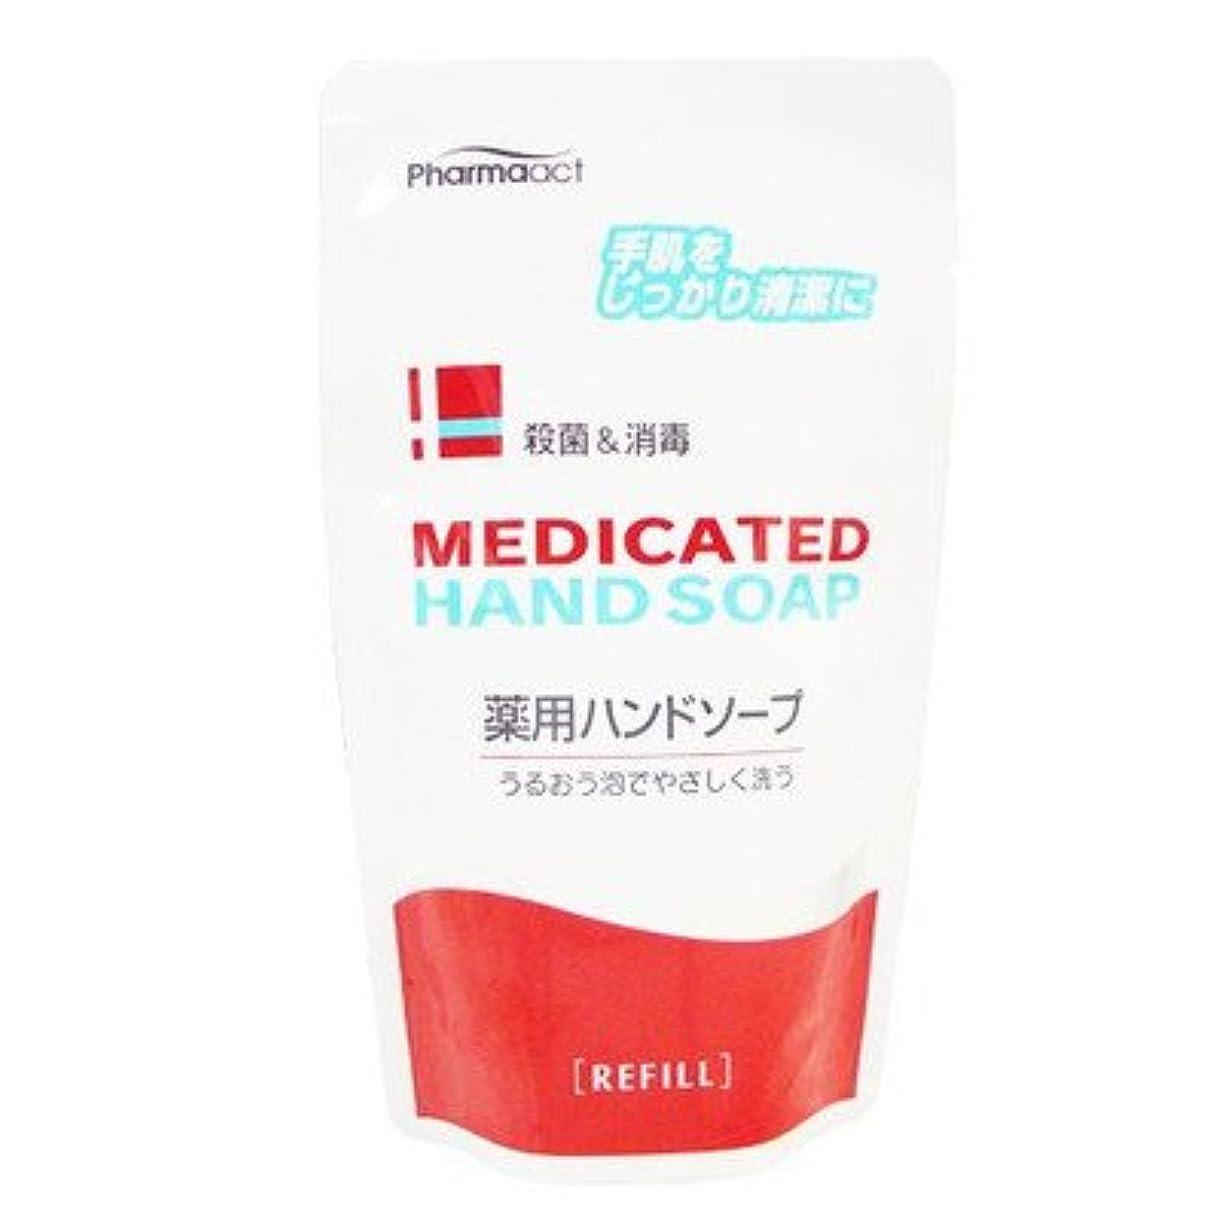 供給換気するムスタチオMedicated 薬用ハンドソープ 殺菌+消毒 200ml【つめかえ用】(医薬部外品)